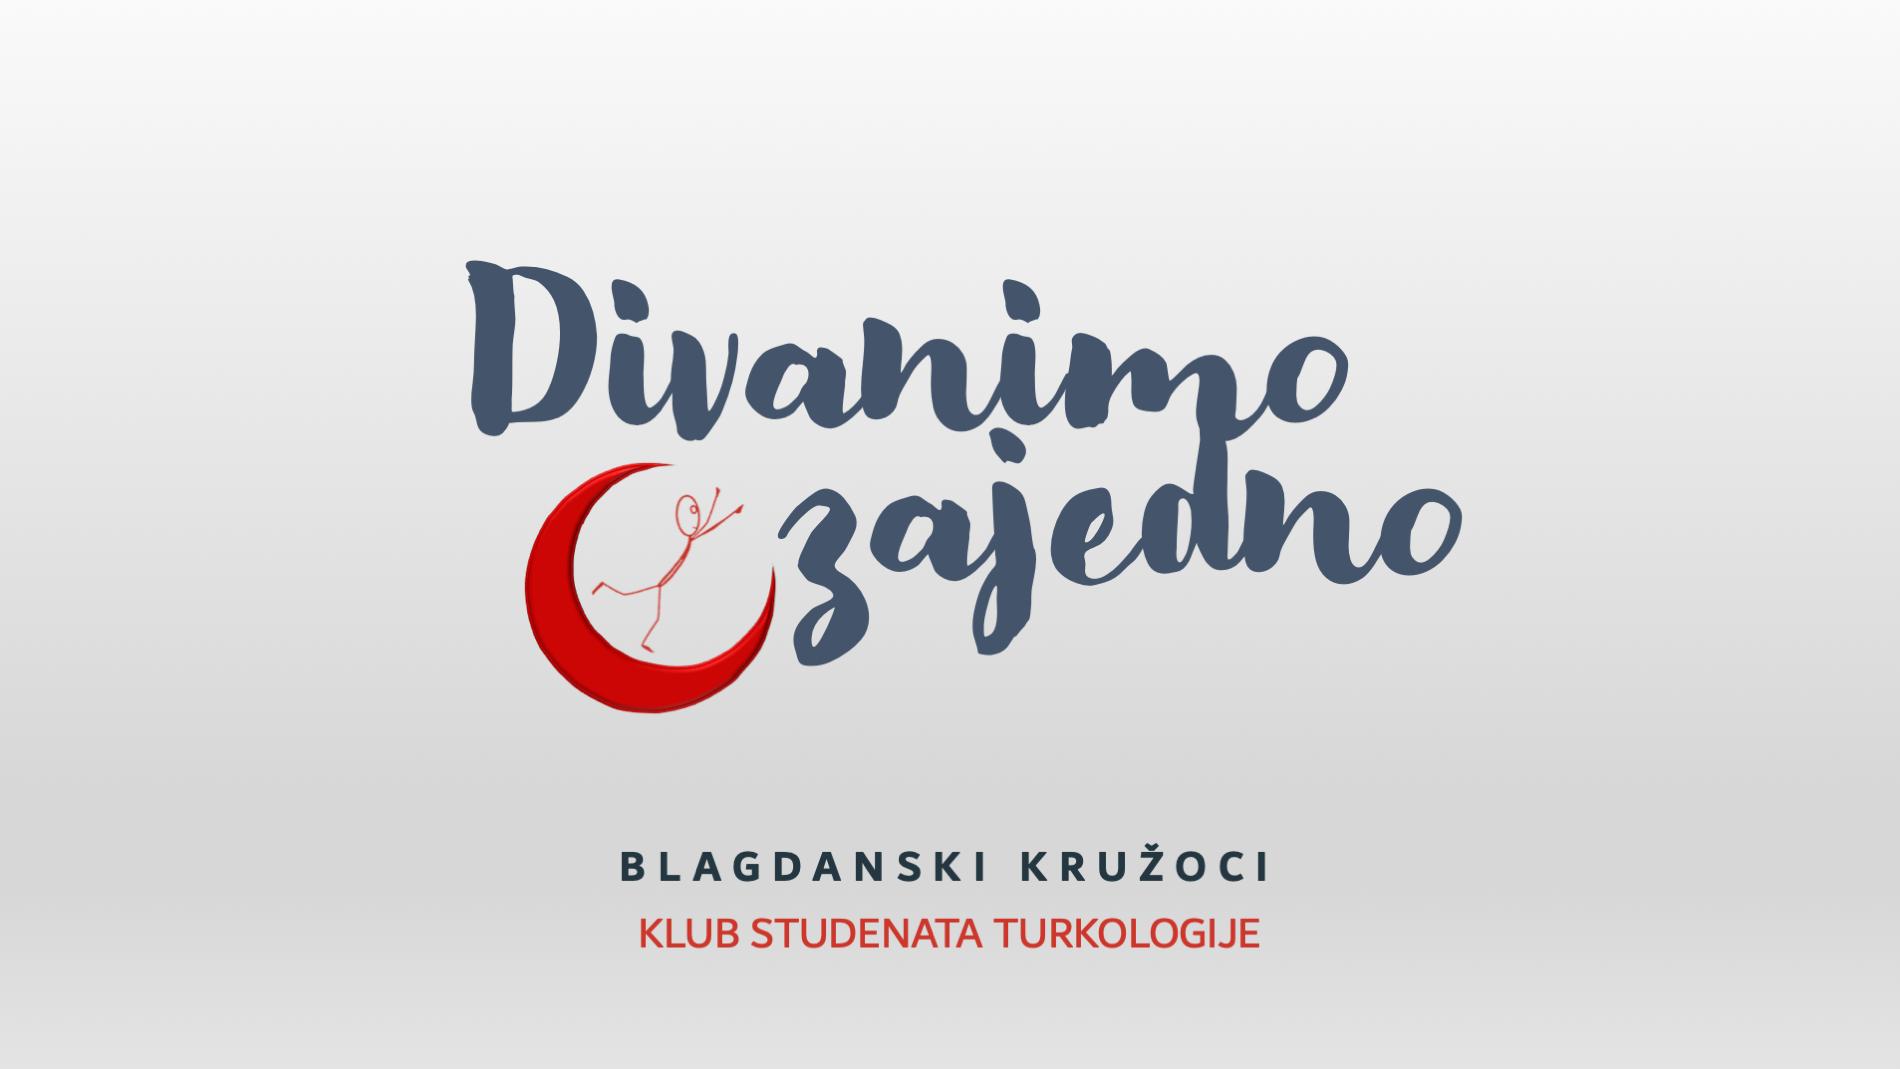 Blagdanski kružoci KST-a: Divanimo zajedno